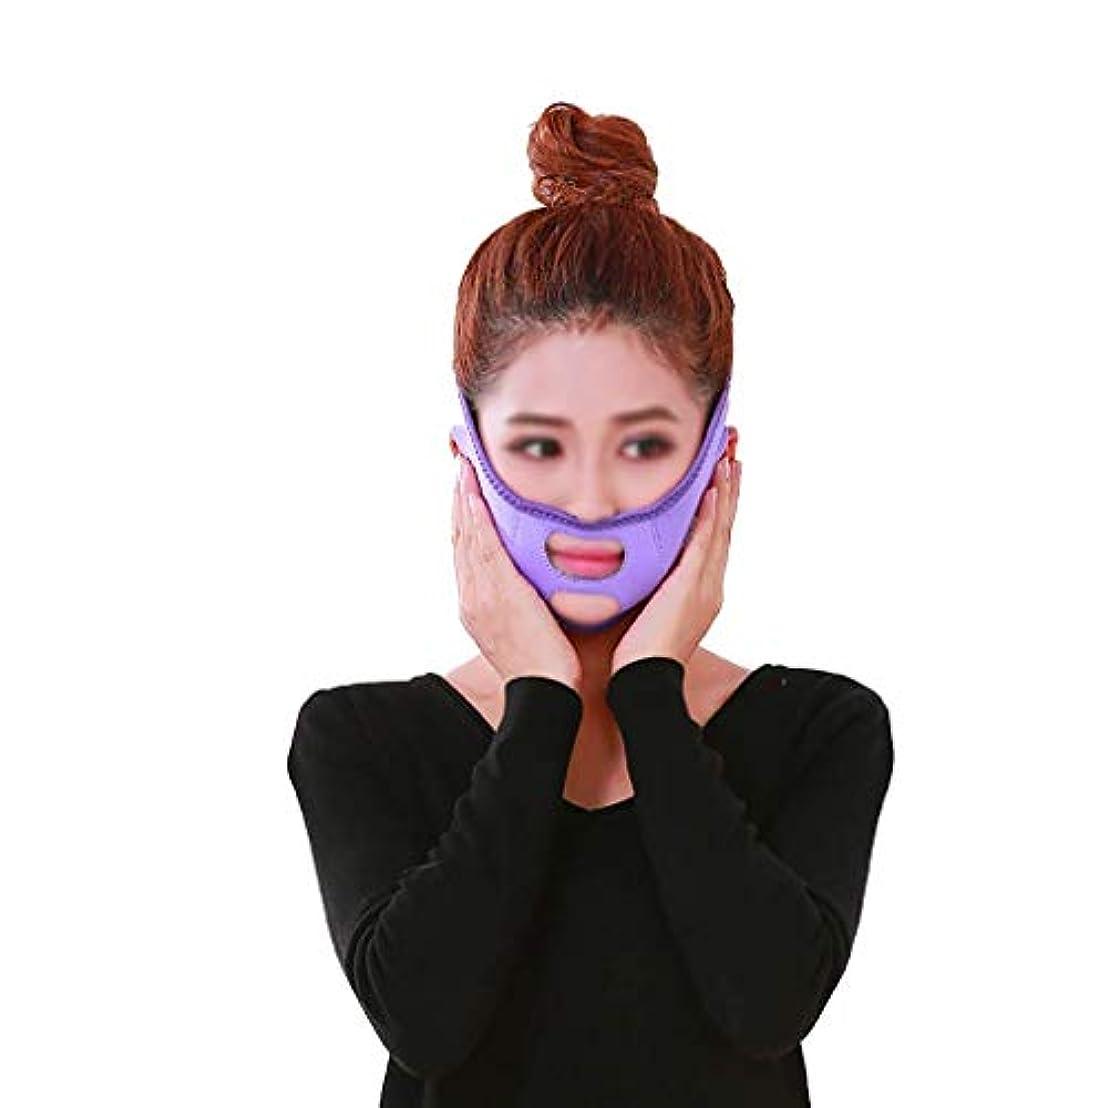 区別する麻酔薬民族主義フェイスリフトフェイシャル、フェイシャルマスクVフェイスマスクタイトで肌のリラクゼーションを防止Vフェイスアーティファクトフェイスリフトバンデージフェイスケア(色:紫)